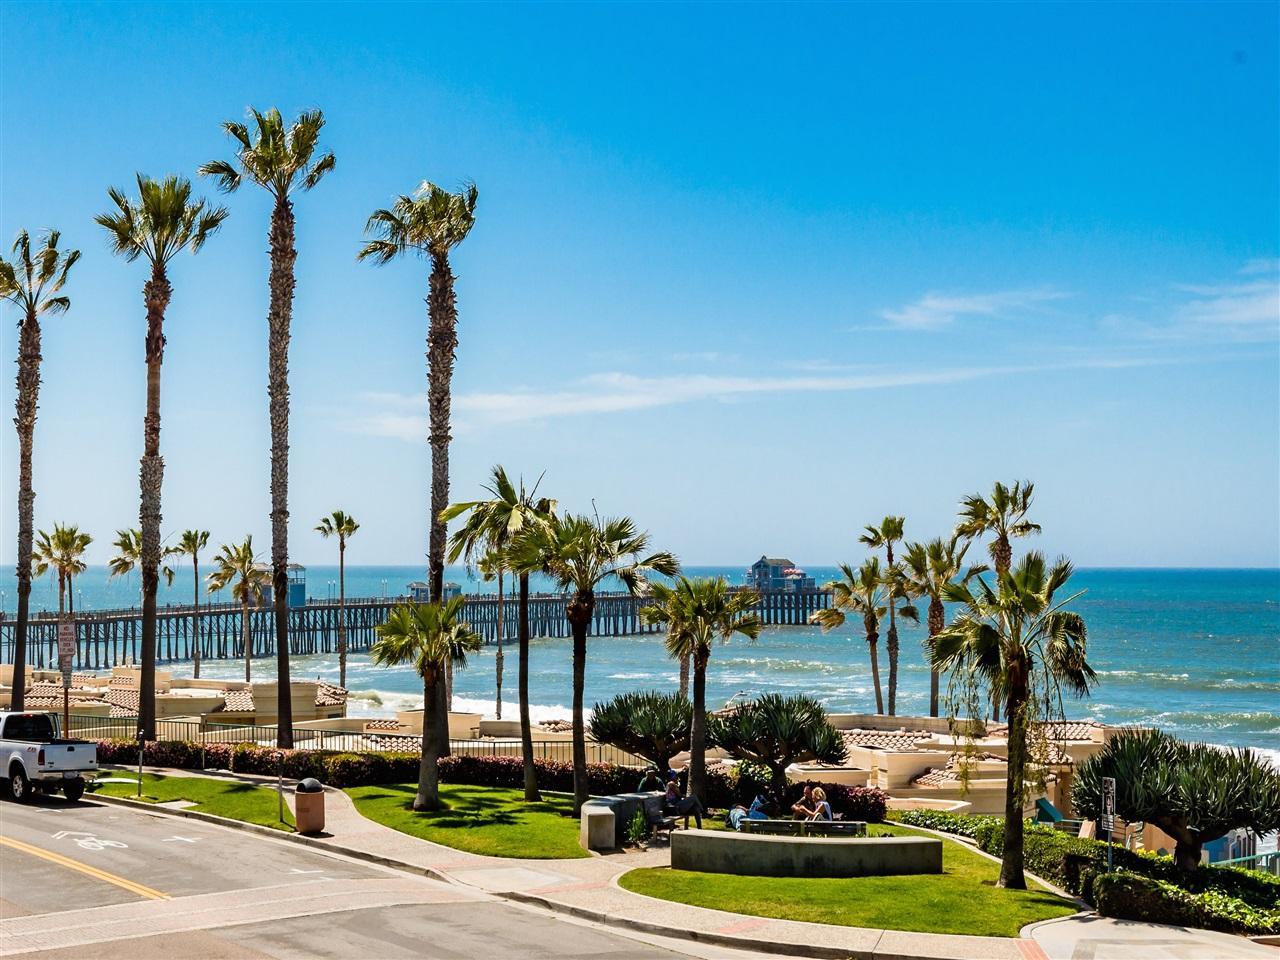 Senior dating in Oceanside (CA) - Local online senior dating site